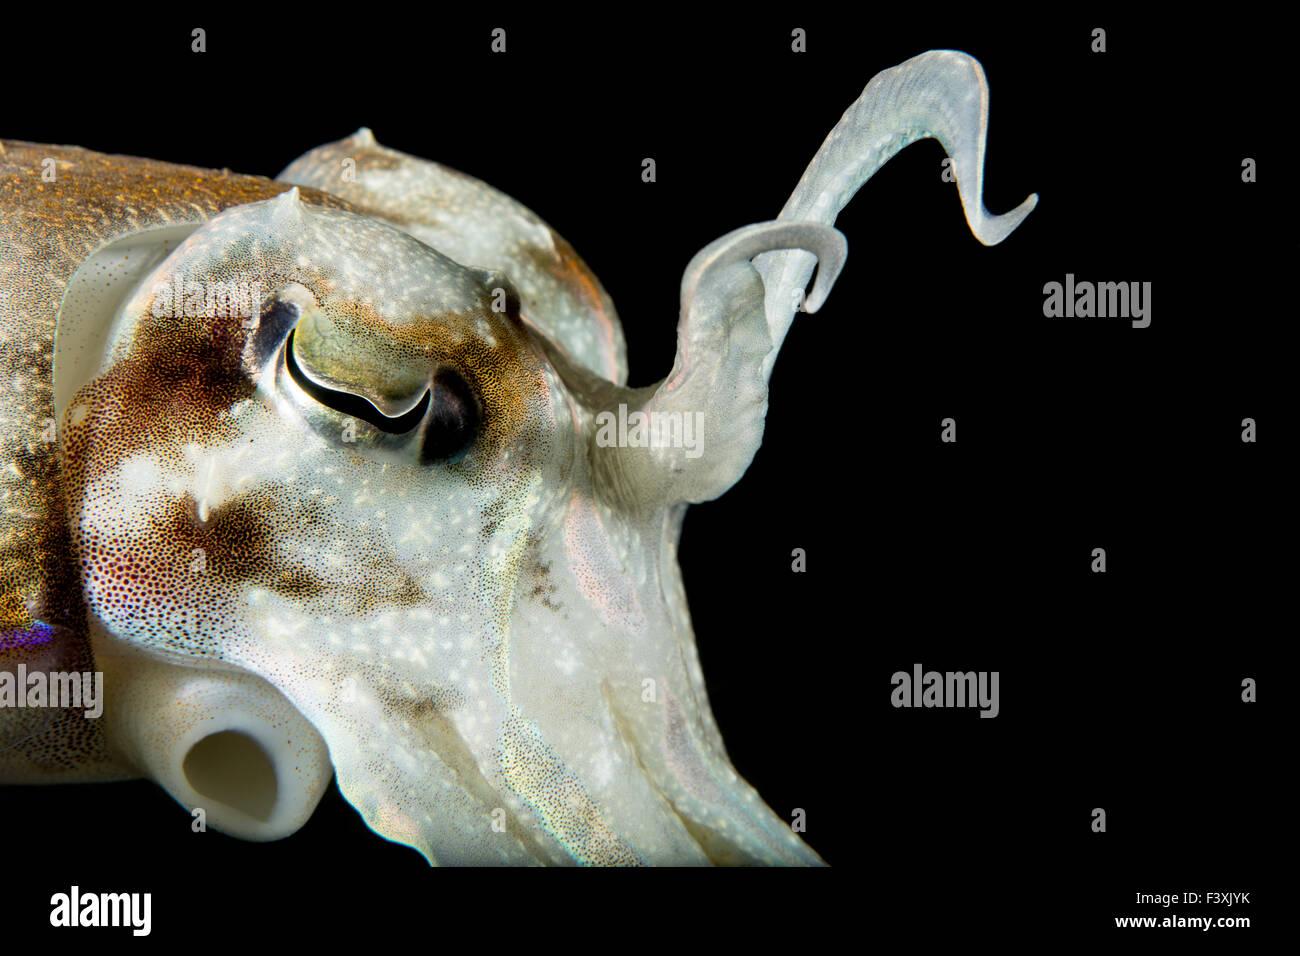 Broadclub menaçant Seiche Afficher tentacules sur fond noir Photo Stock